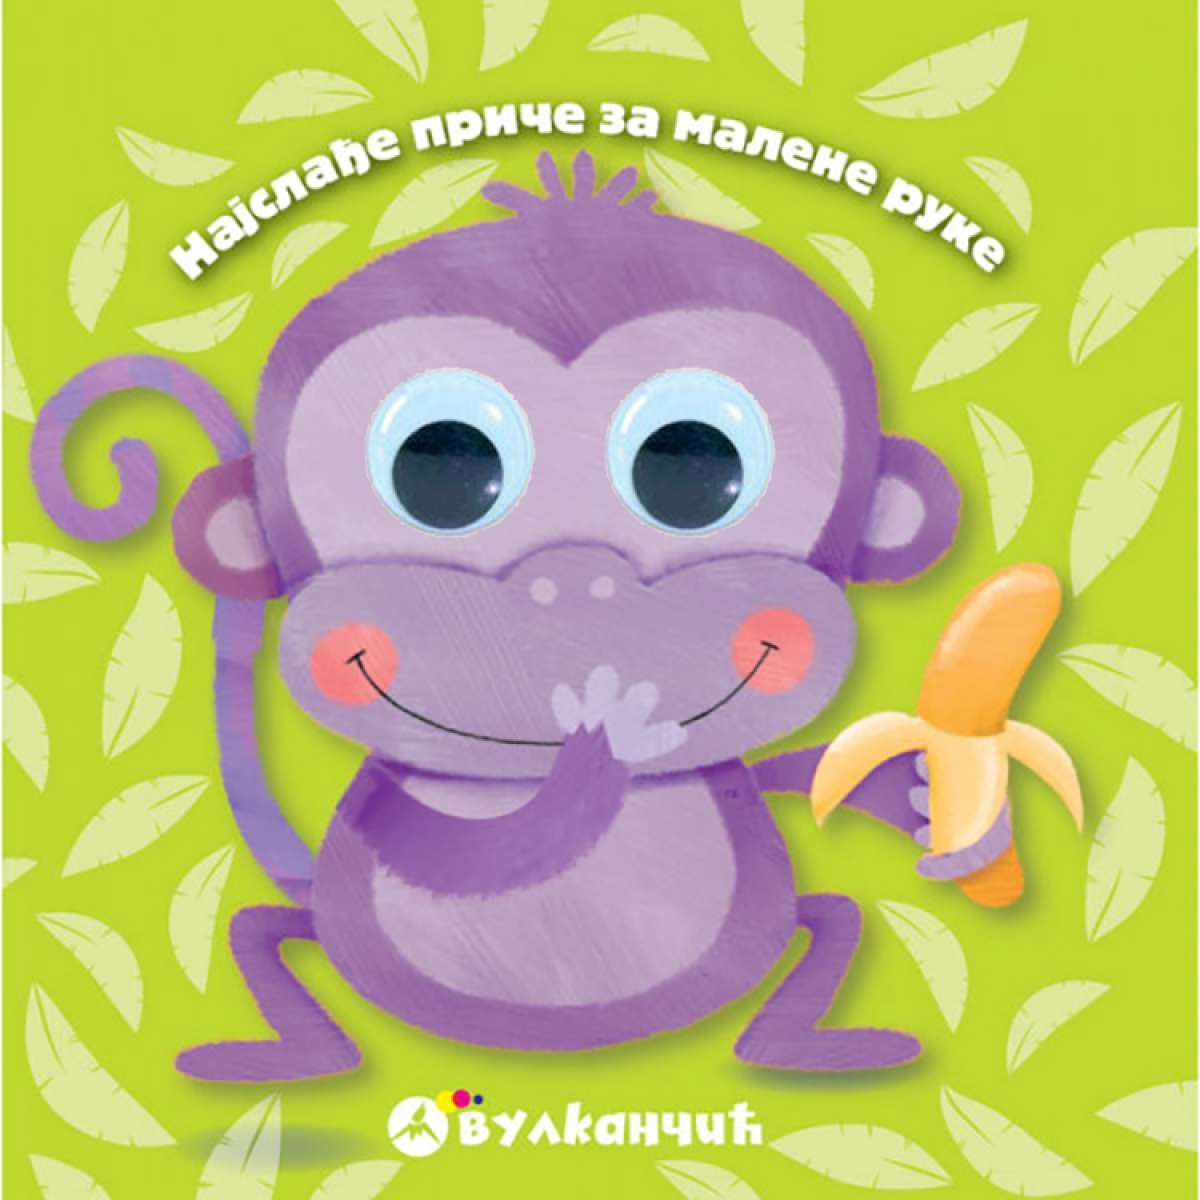 Najslađe priče za malene ruke: Majmunče